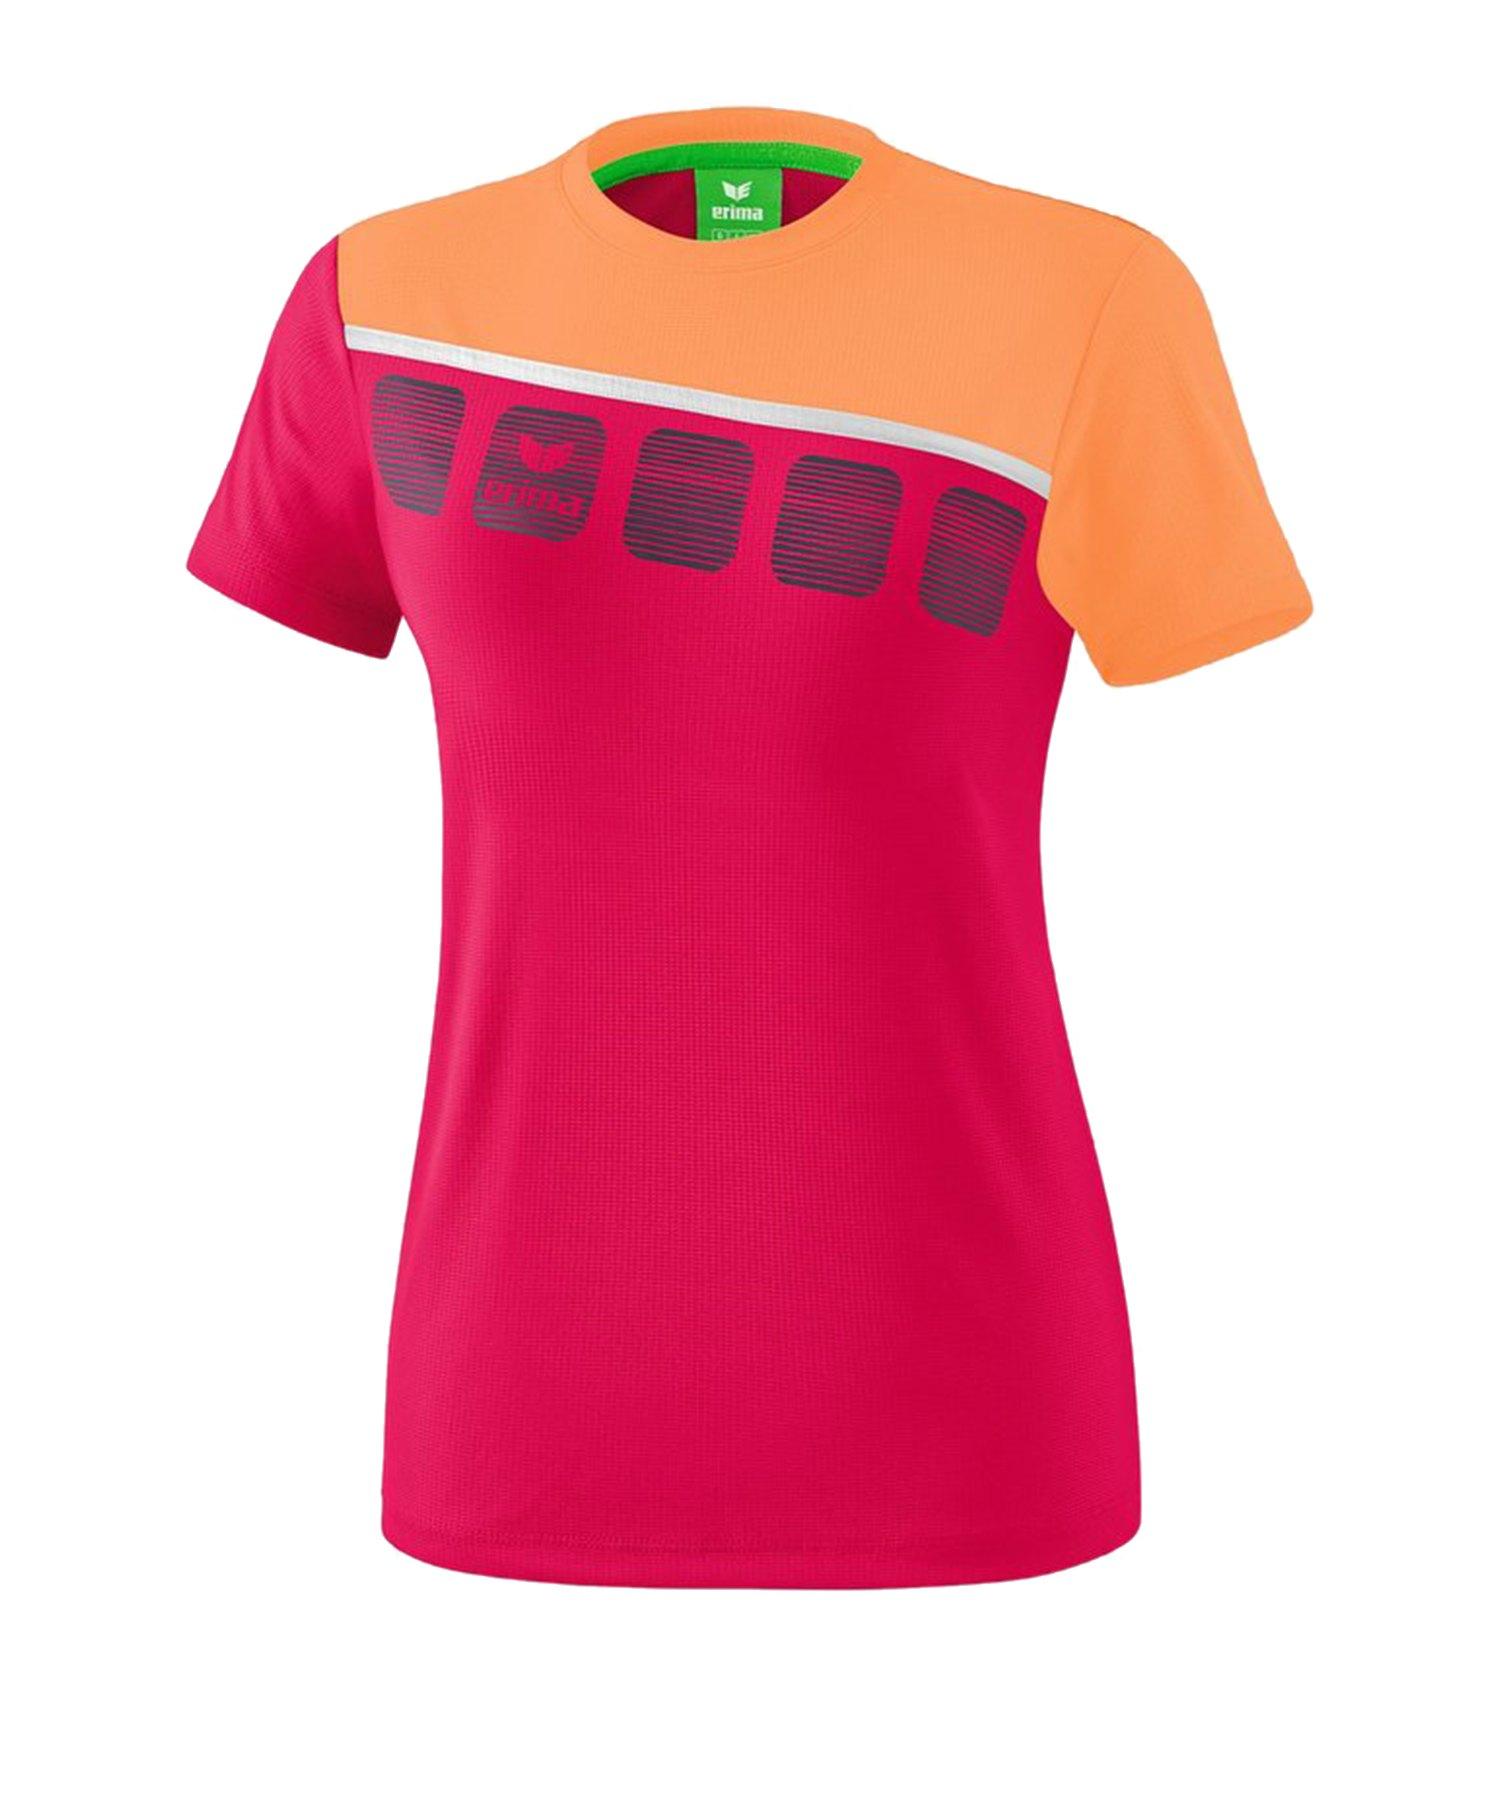 Erima 5-C T-Shirt Kids Pink Orange - Pink